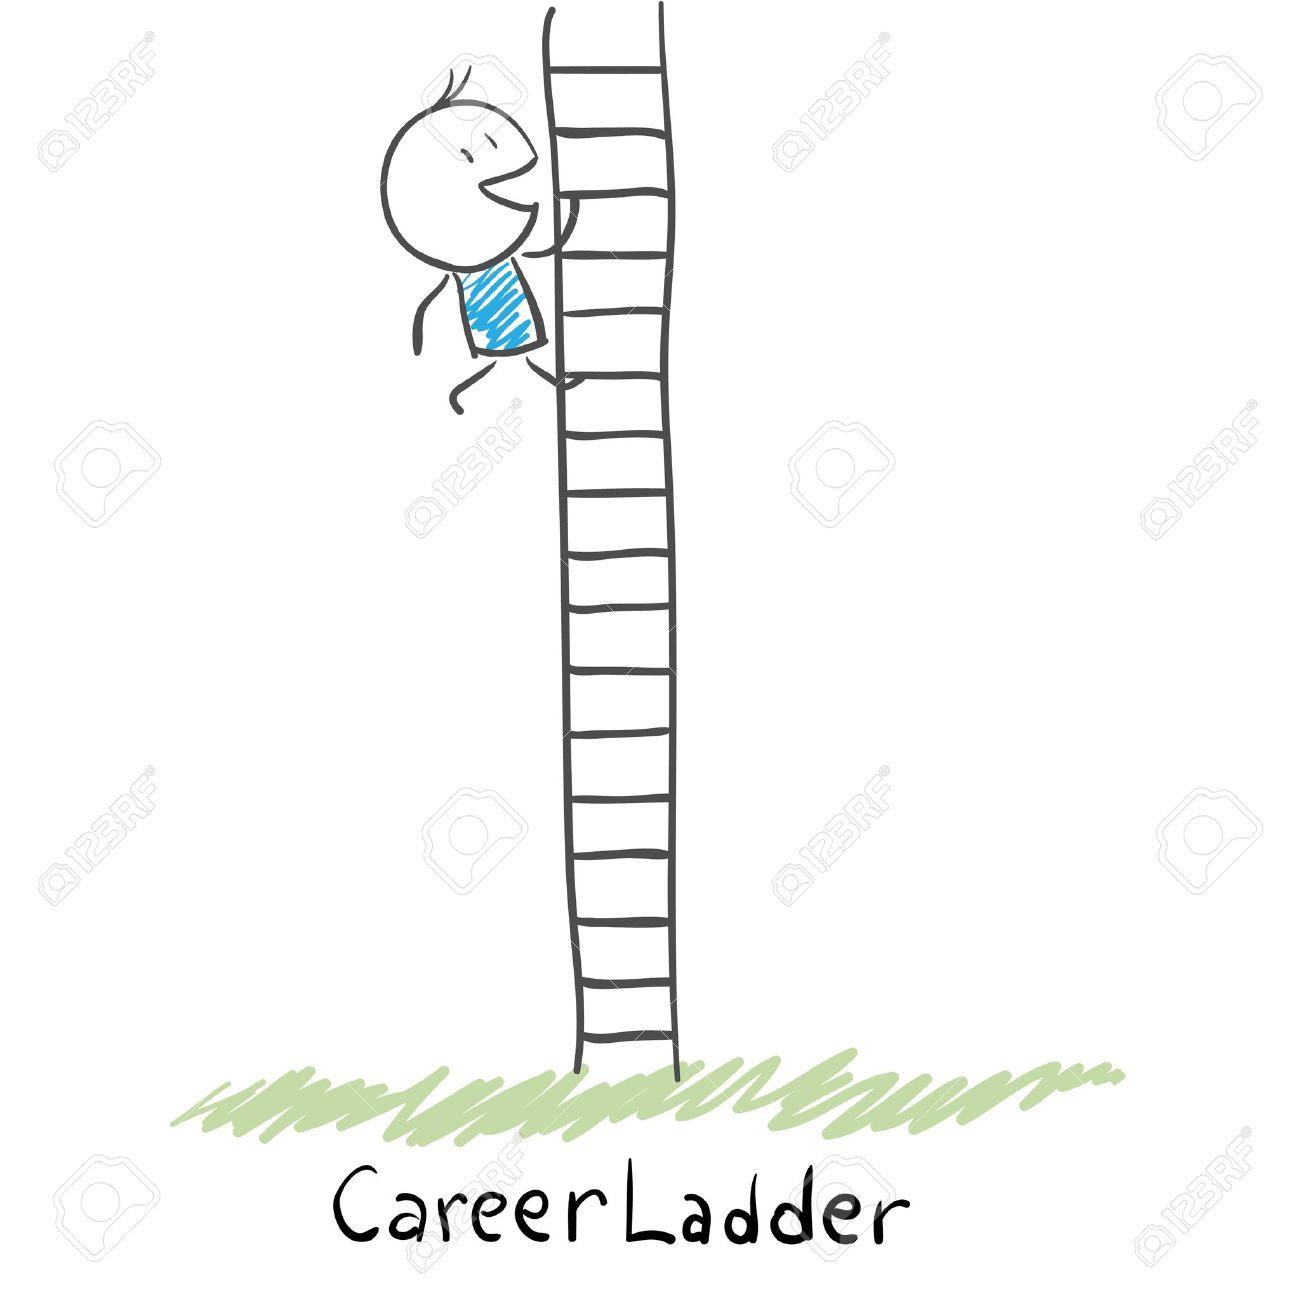 Man work ladder clipart.